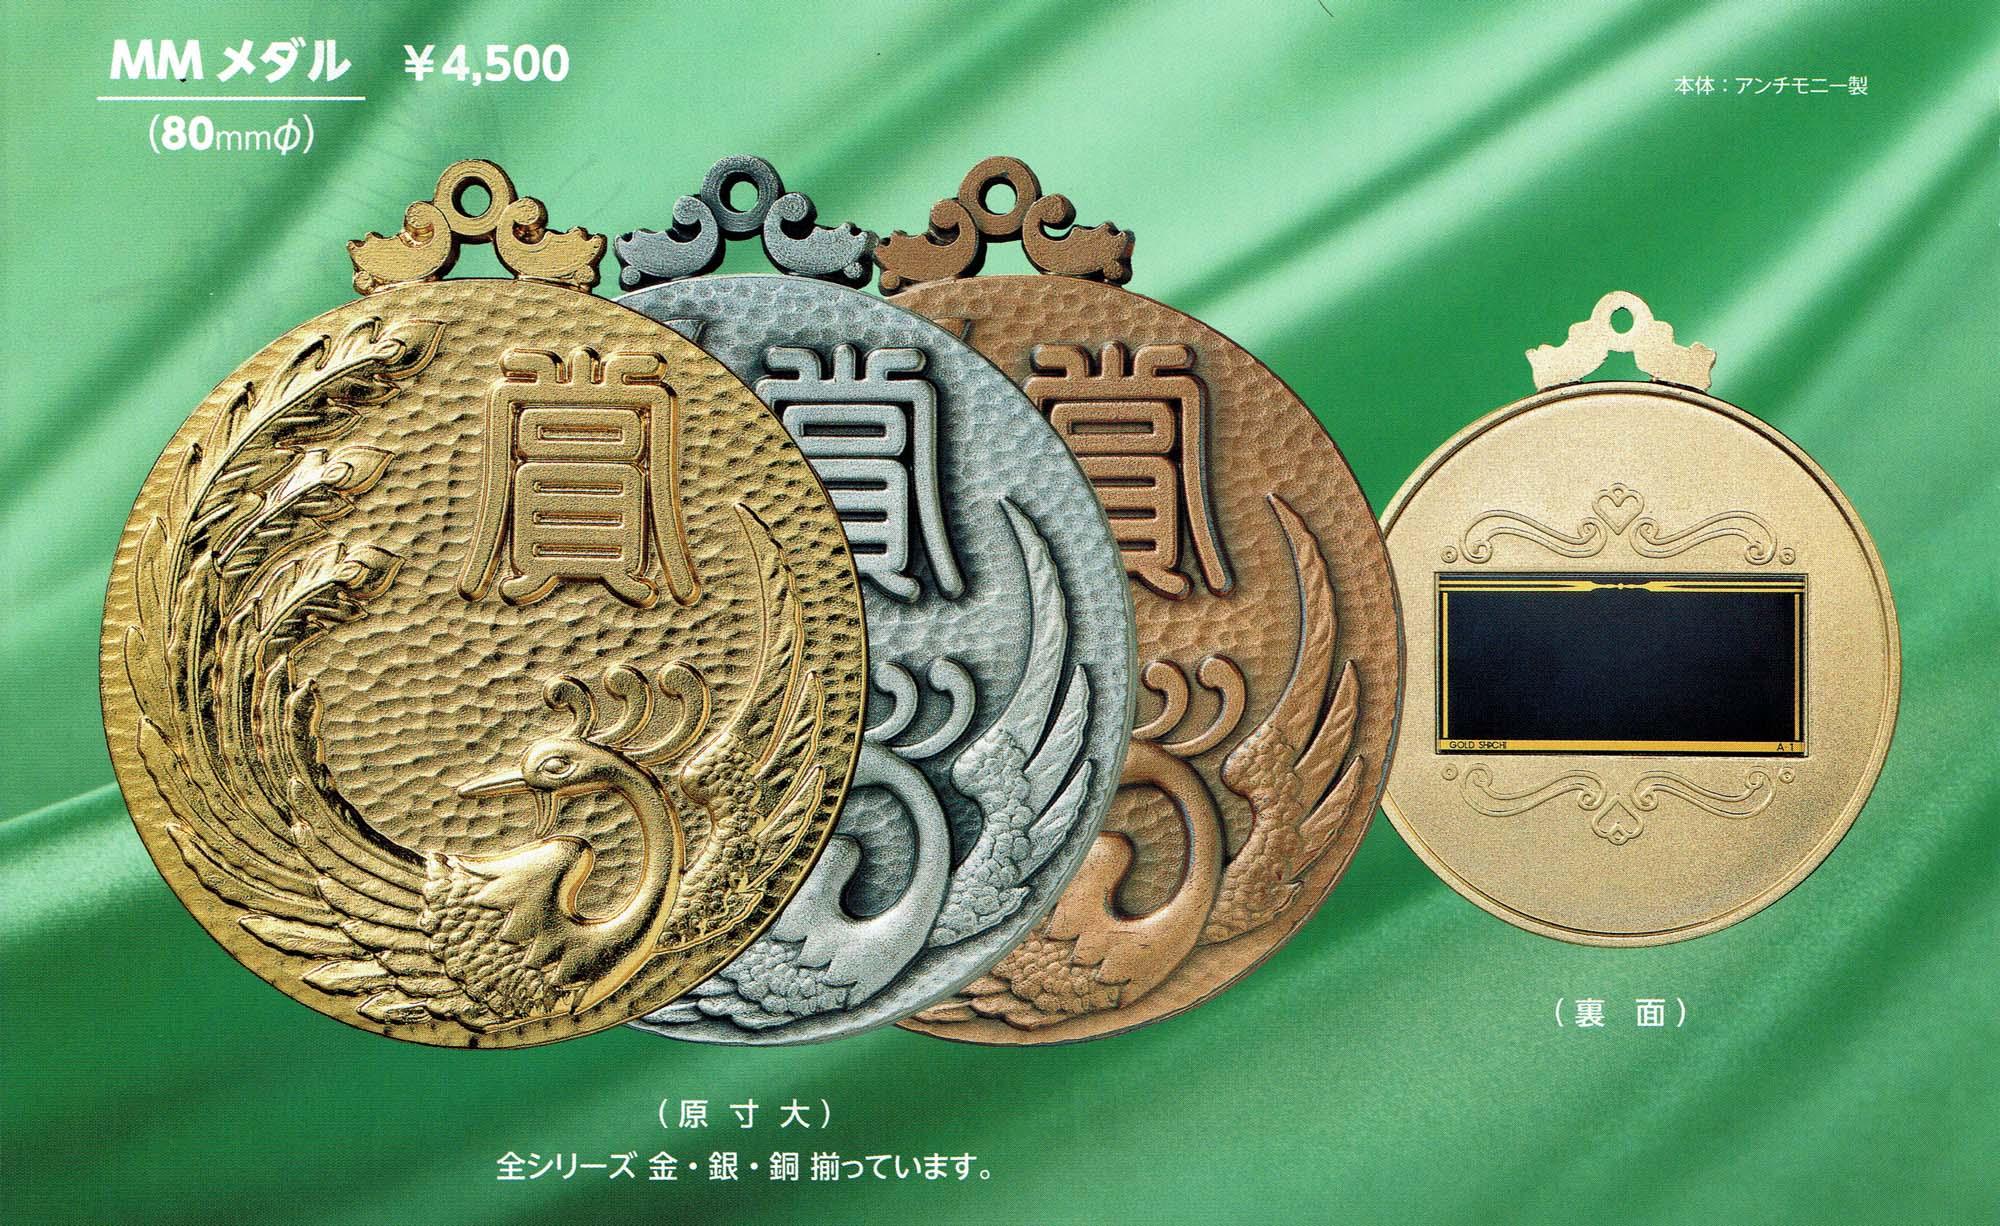 MMメダル